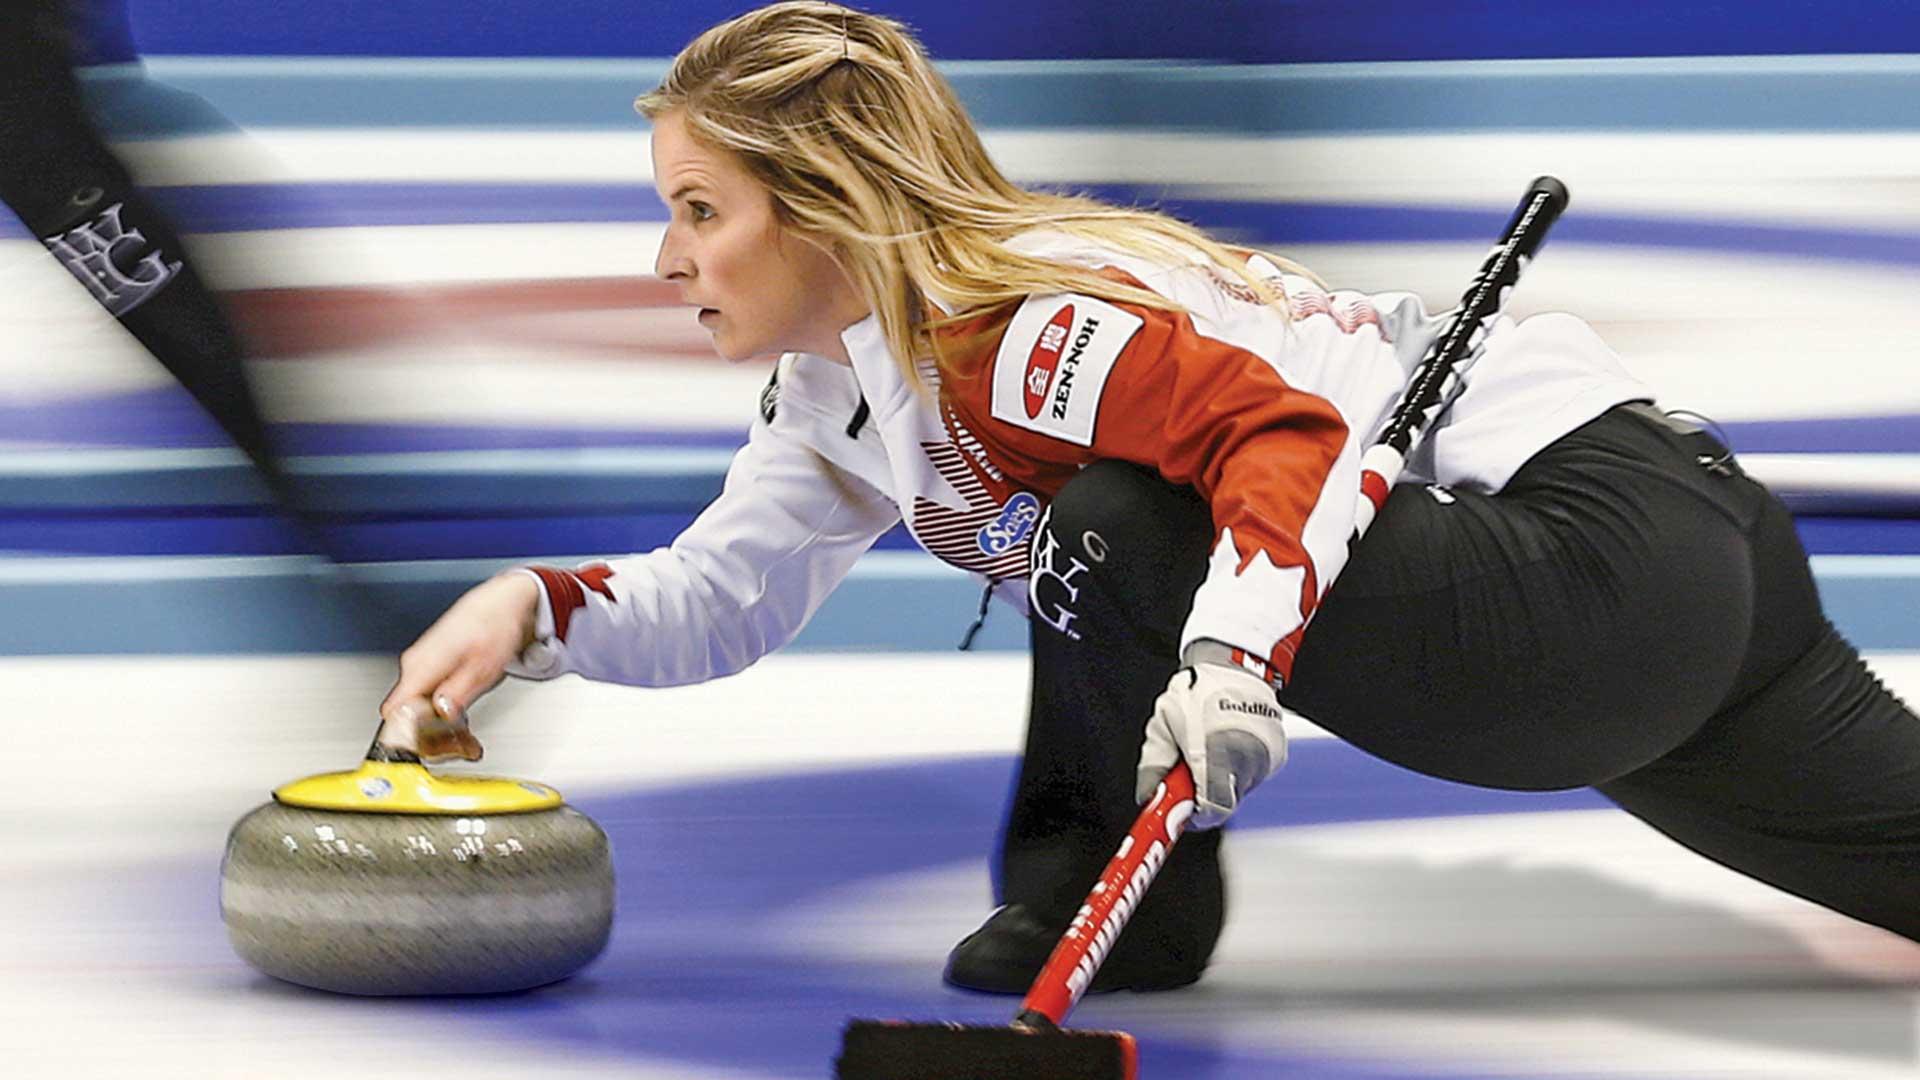 13639244001_4322079585001_FINAL-Curling-1920x1080.jpg?pubId=13639244001